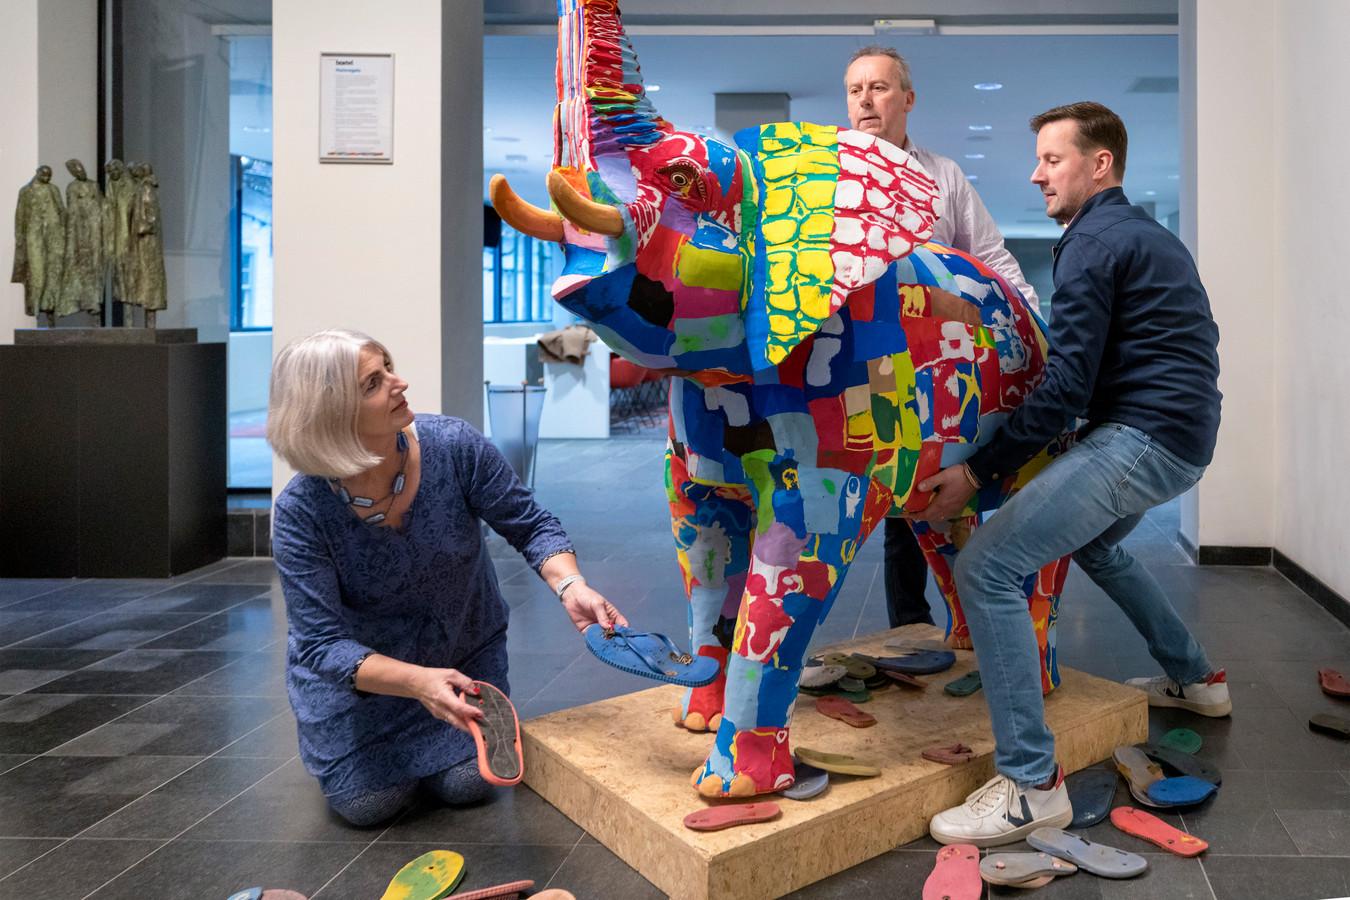 De nieuwe aanwinst in het gemeentehuis, een kunstzinnige olifant van afgedankte plastic slippers gemaakt, is vanmiddag op zijn plaats gezet door wethouder Marusjka Lestrade, wethouder Herman van Wanrooij en Nicholas Ninaber van Eijben (rechts).